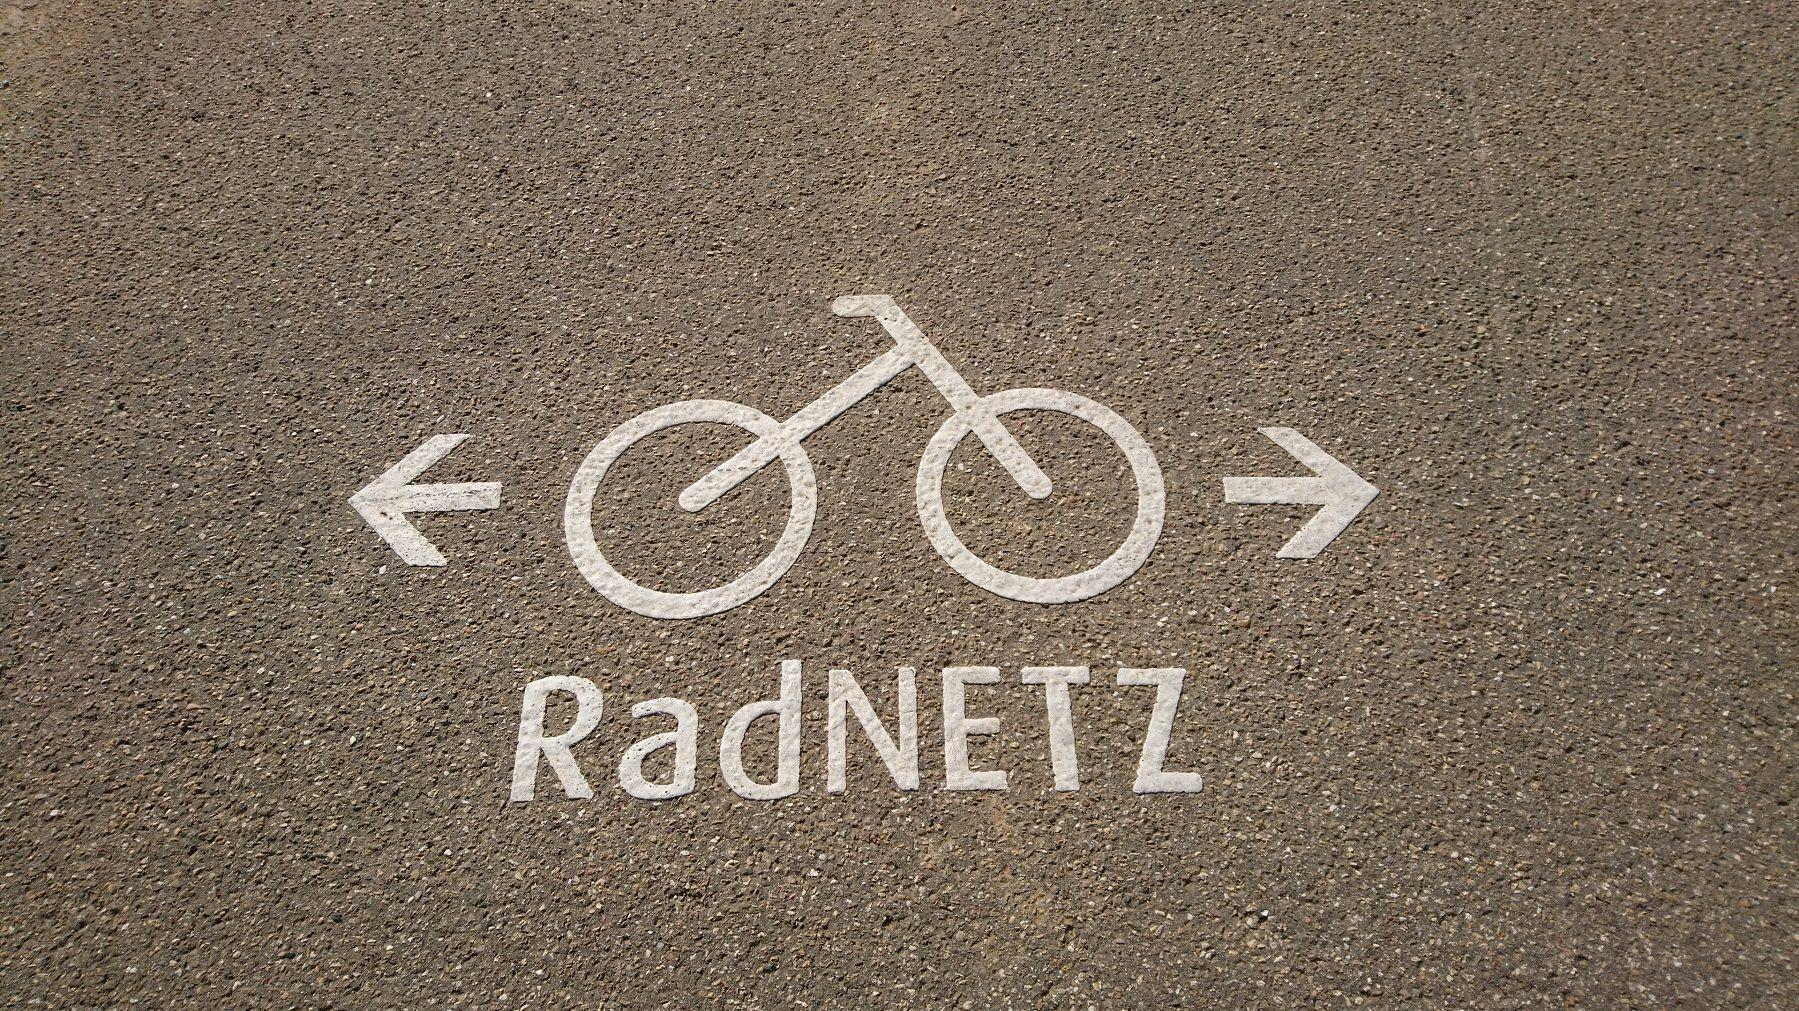 RadNetz Markierung auf Asphalt